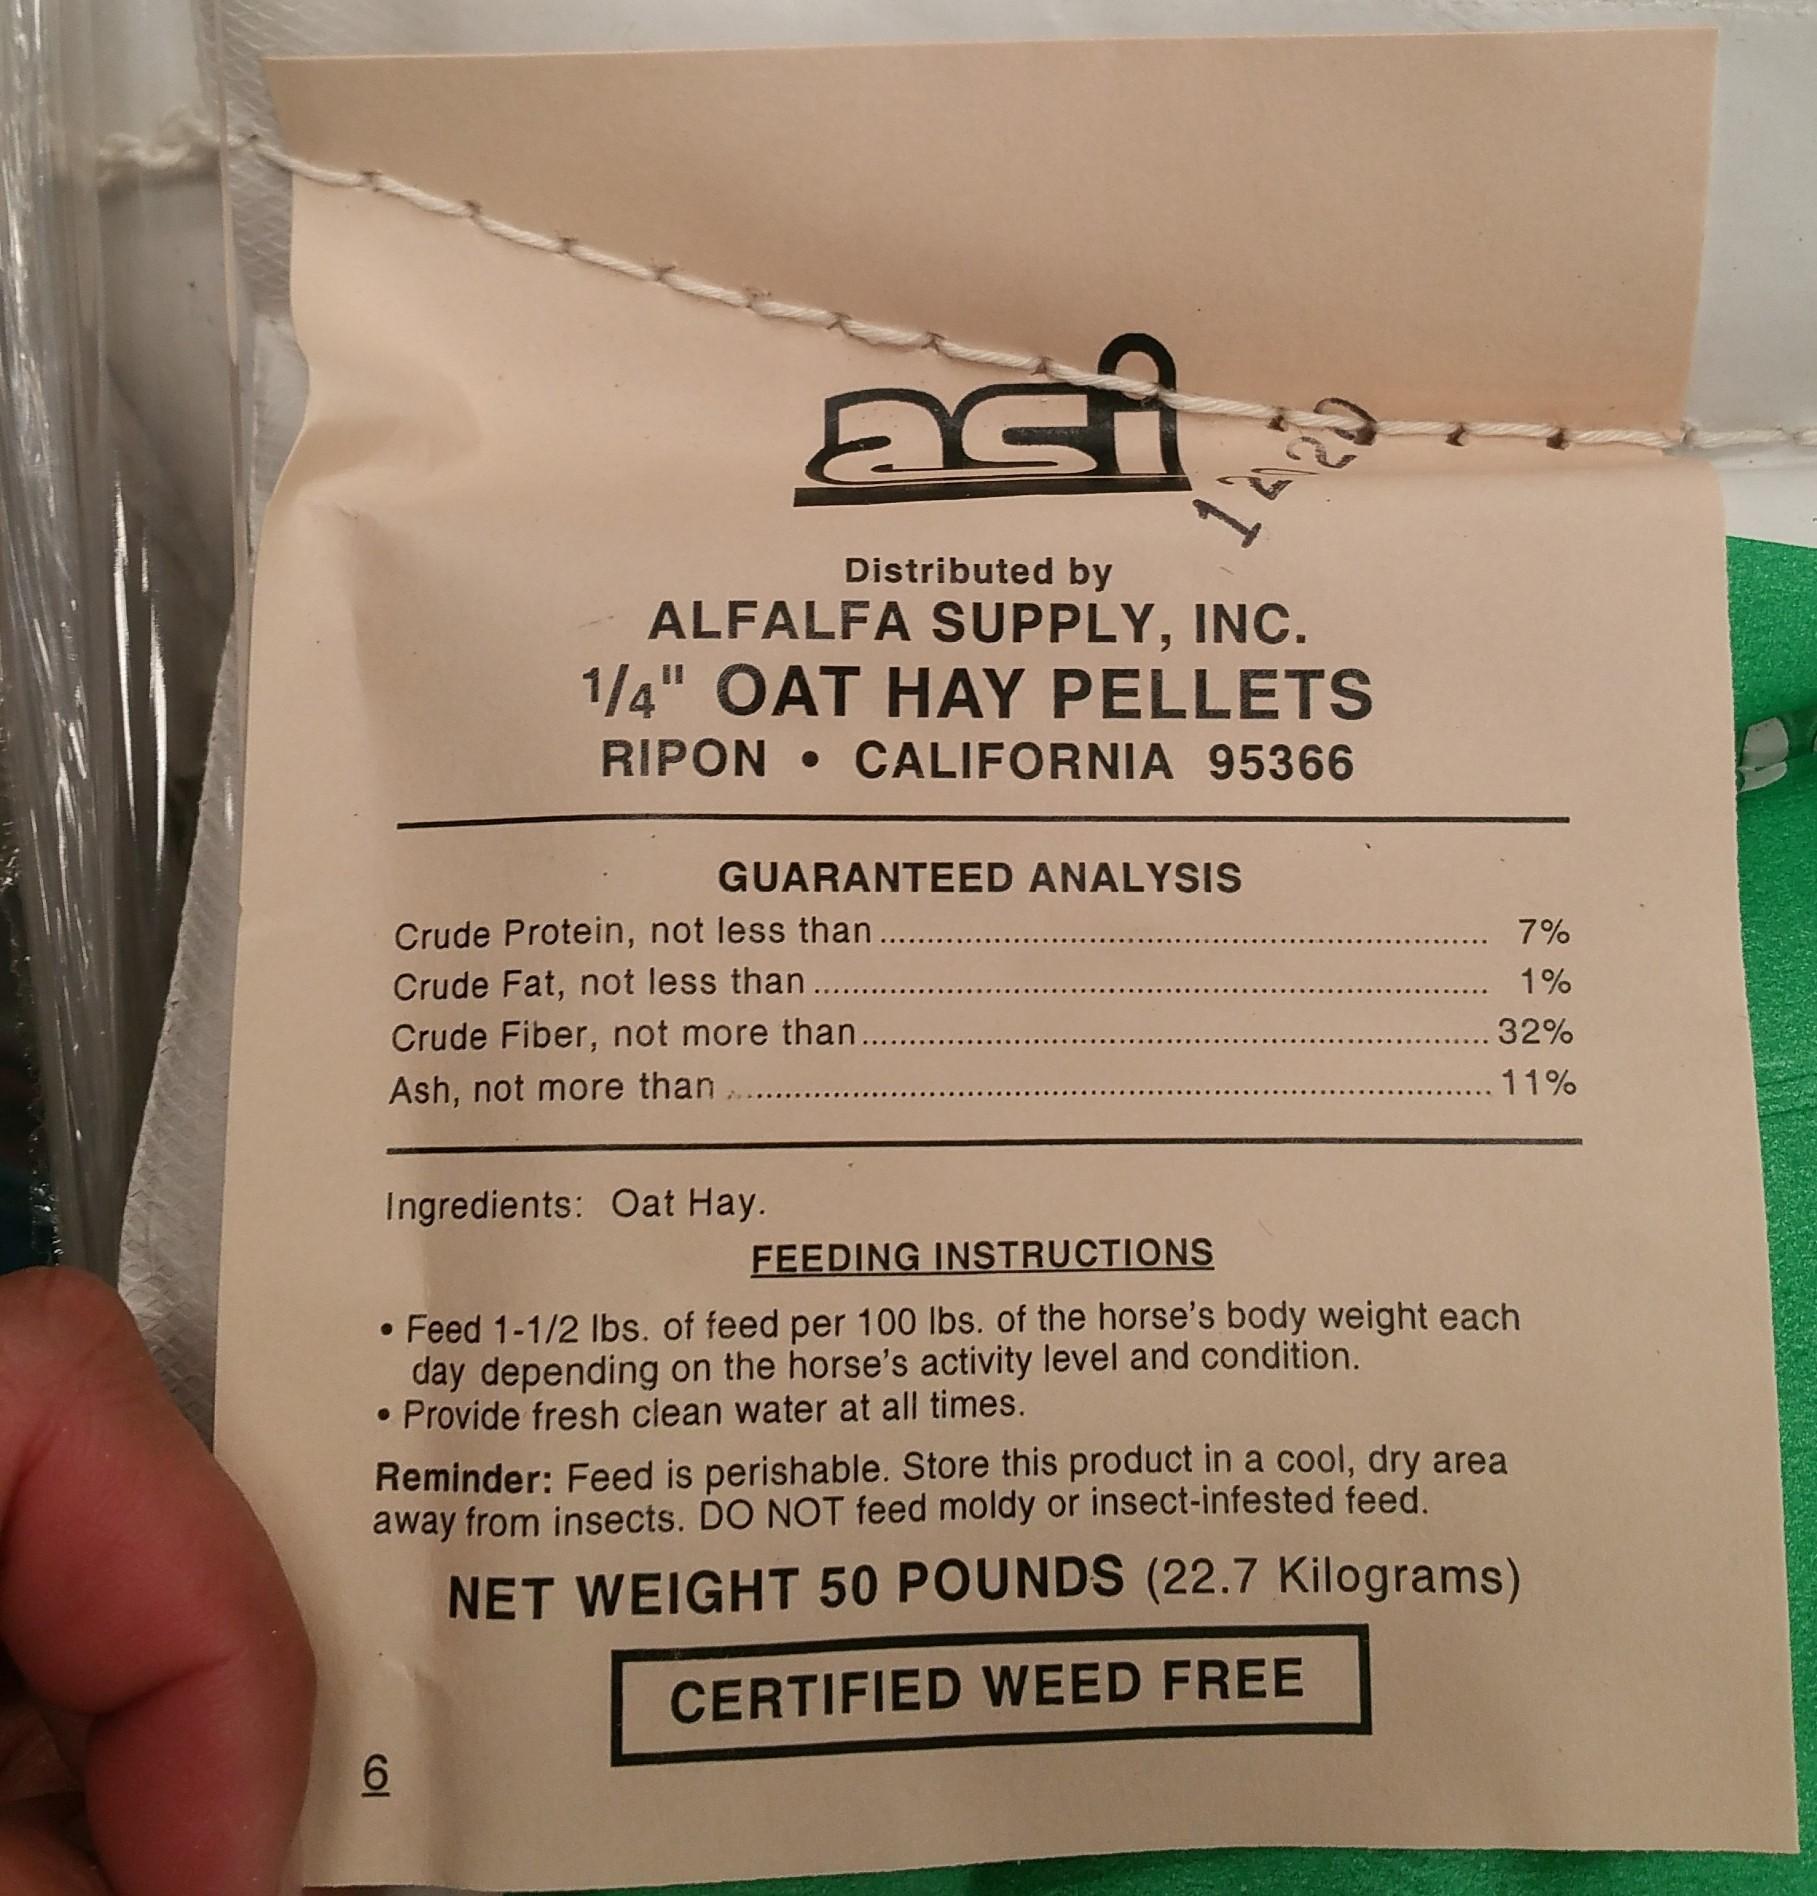 asi-distributed-by-alfalfa-supply-inc-oat-pellet-tan-label.jpg